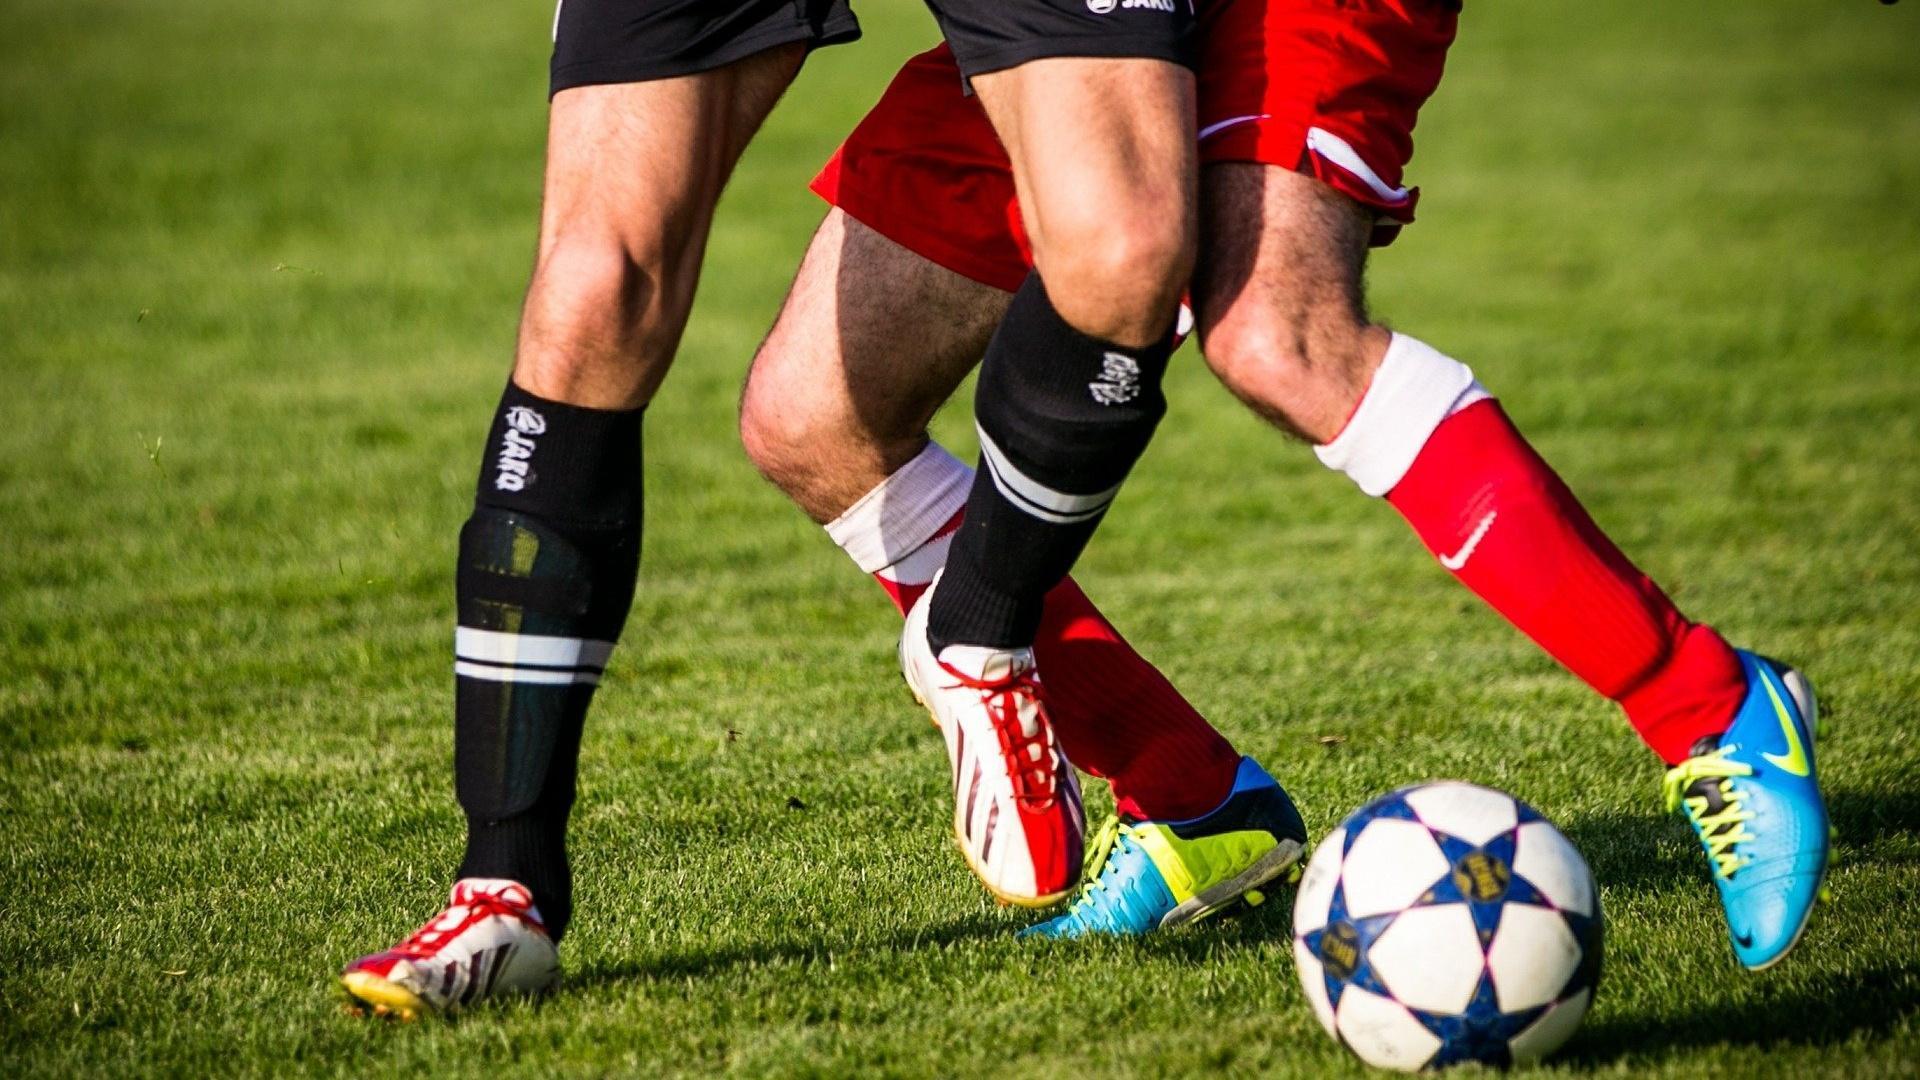 Beim Fußball werden die Beine stark beansprucht, weshalb ein Muskelfaserriss in der Wade nicht unüblich ist.